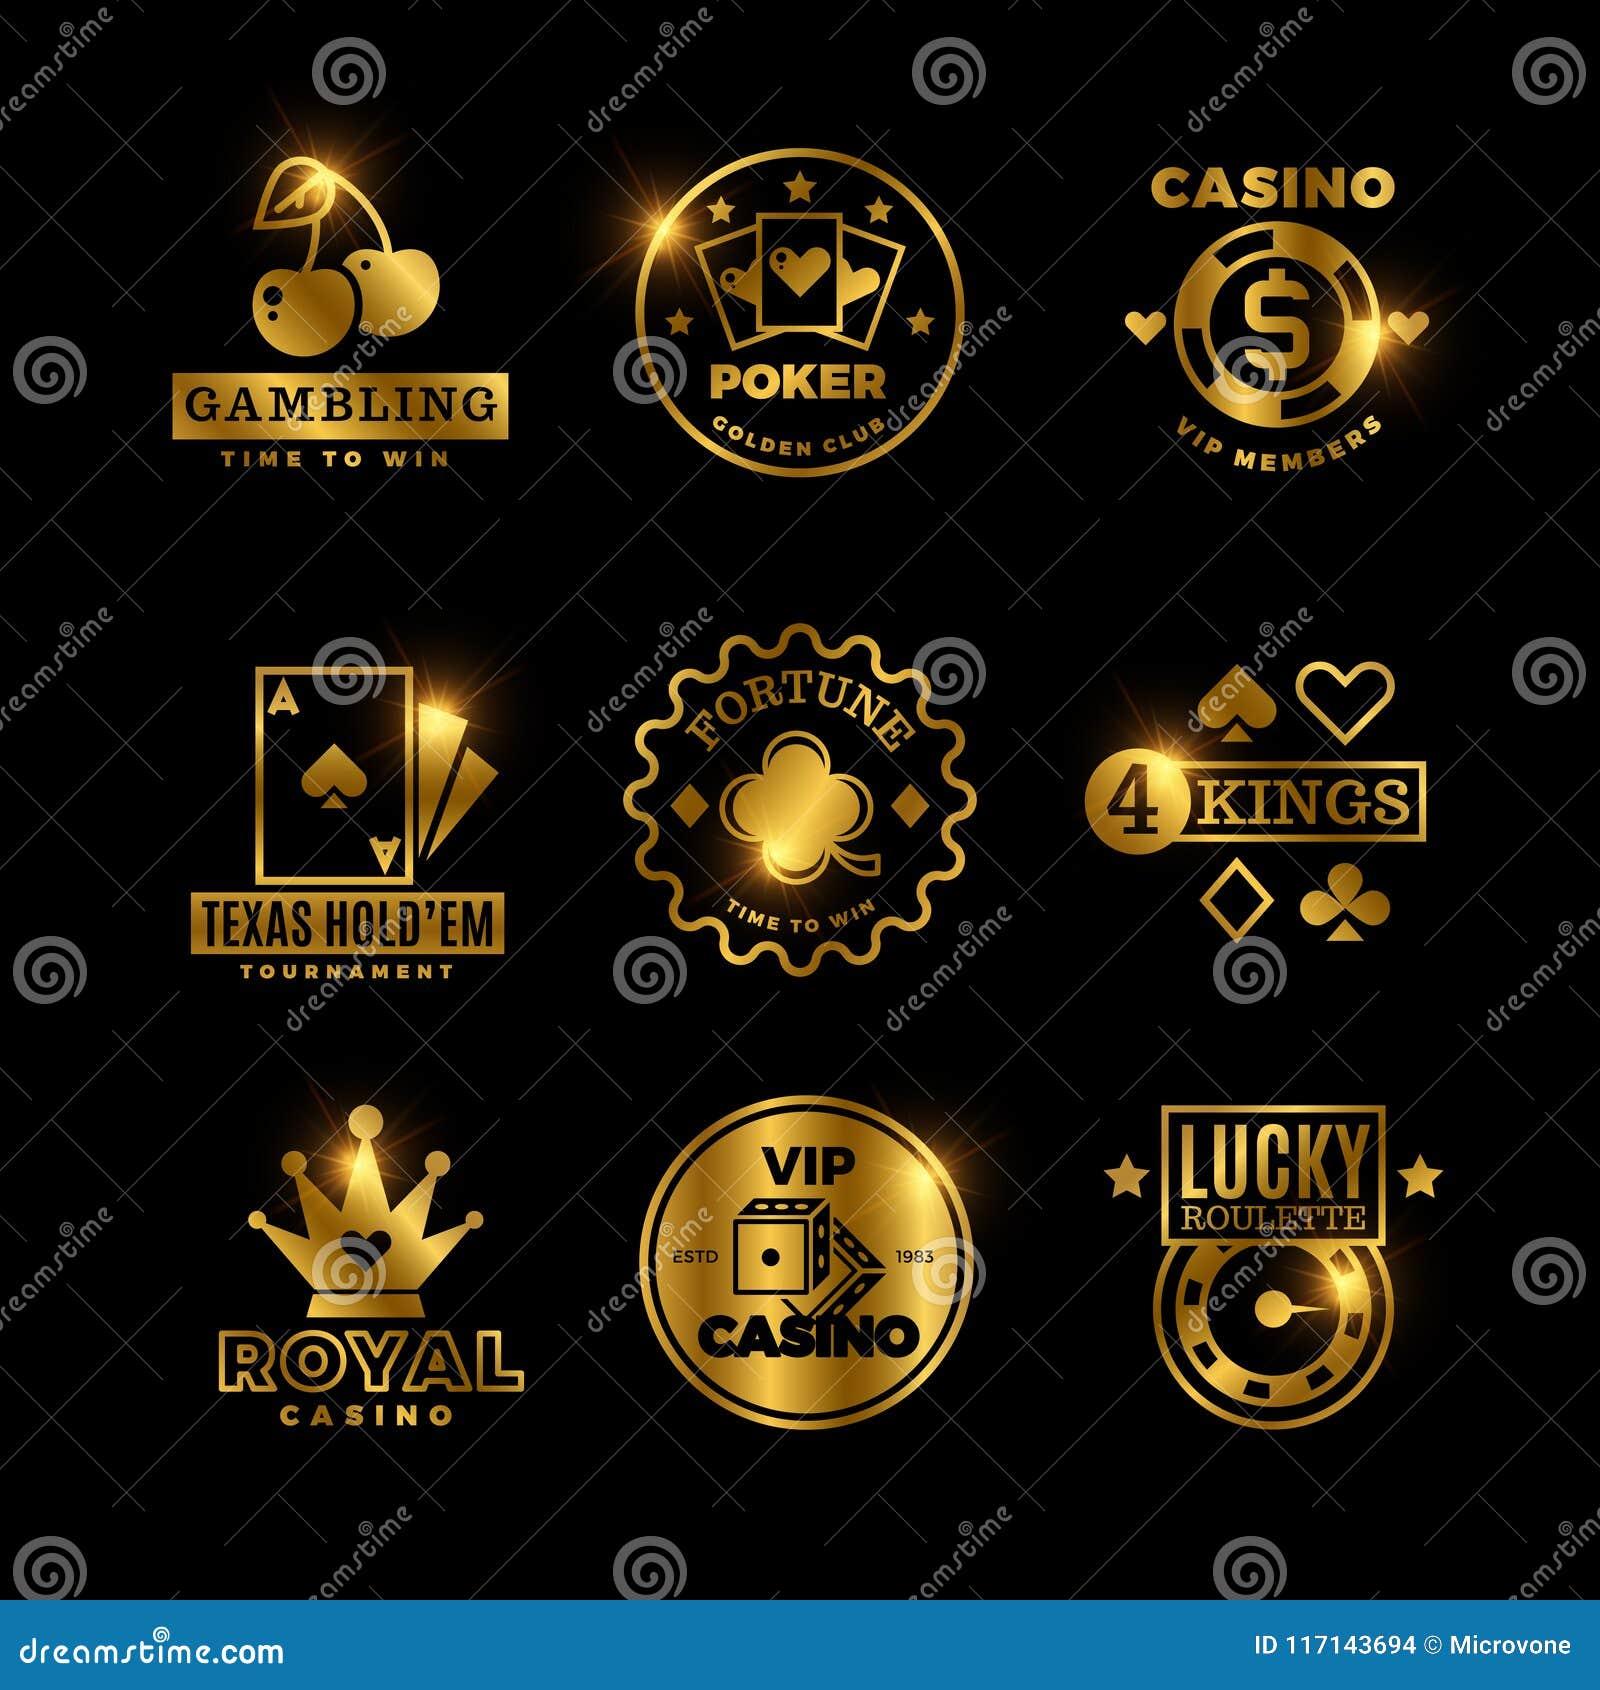 Jogo dourado, casino, competiam do pôquer, etiquetas do vetor da roleta, emblemas, logotipos e crachás reais